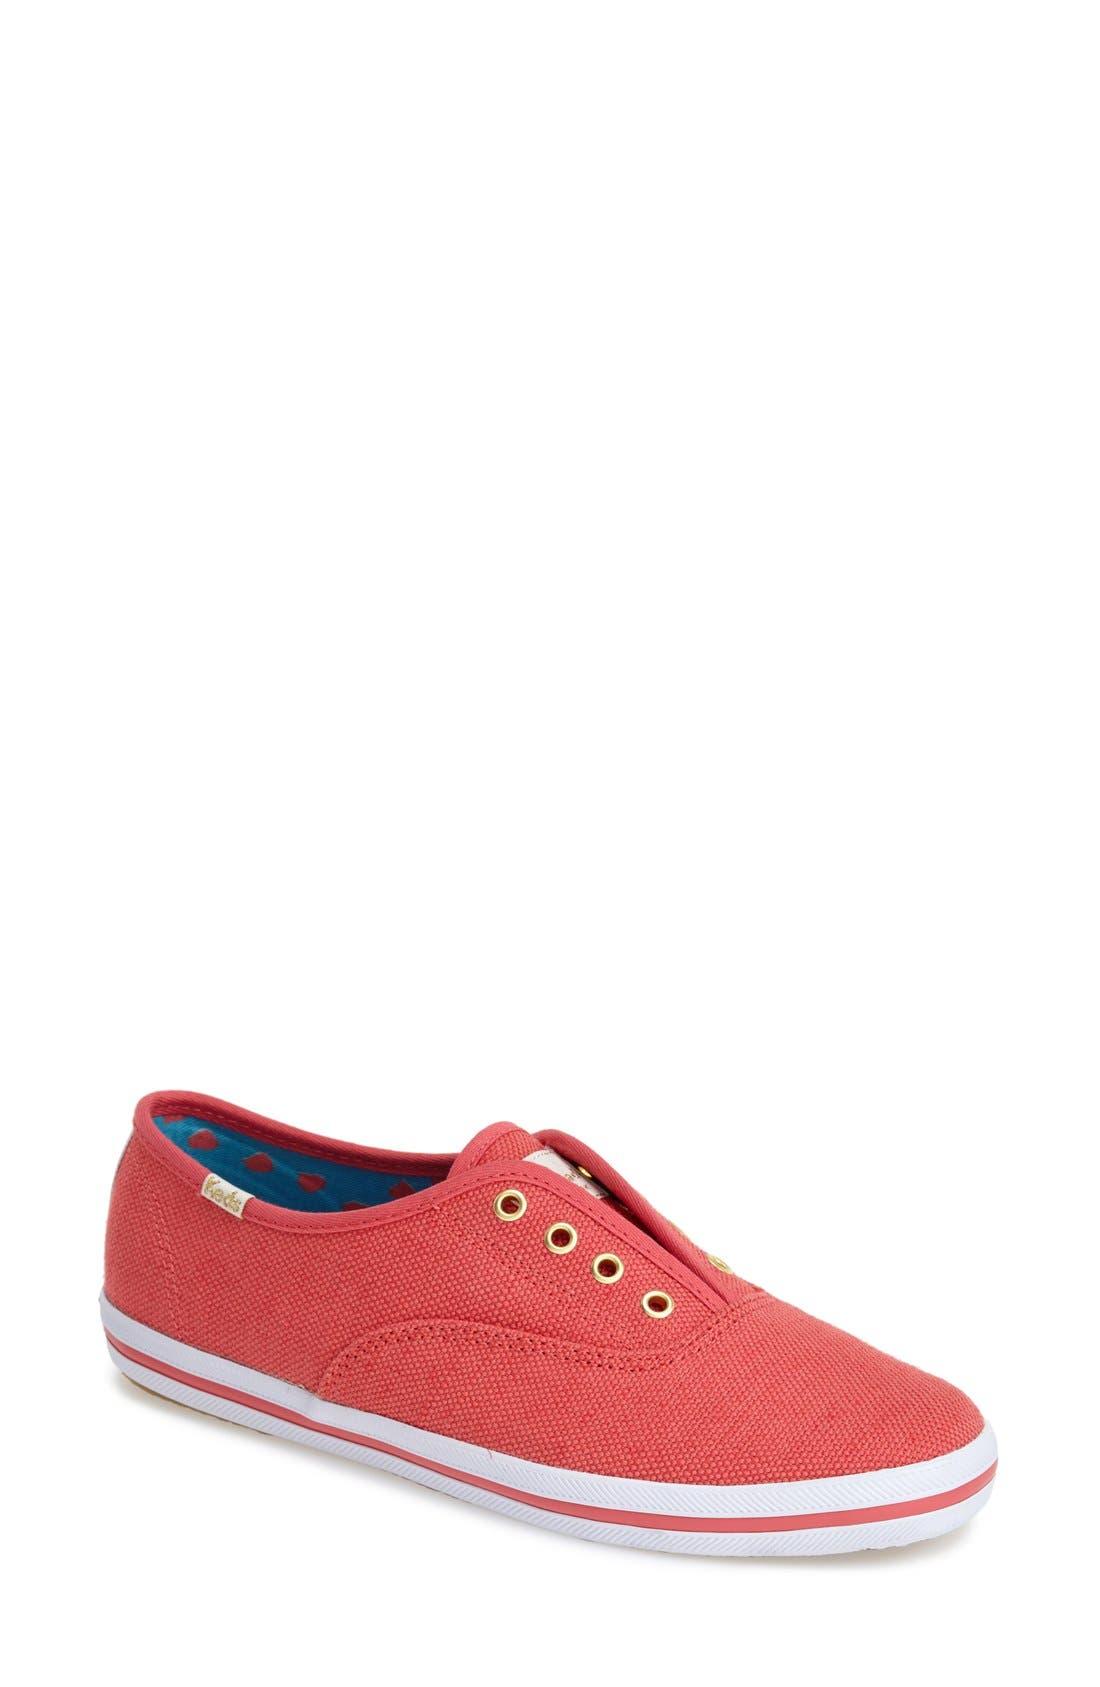 Main Image - Keds® for kate spade new york 'boho' sneaker